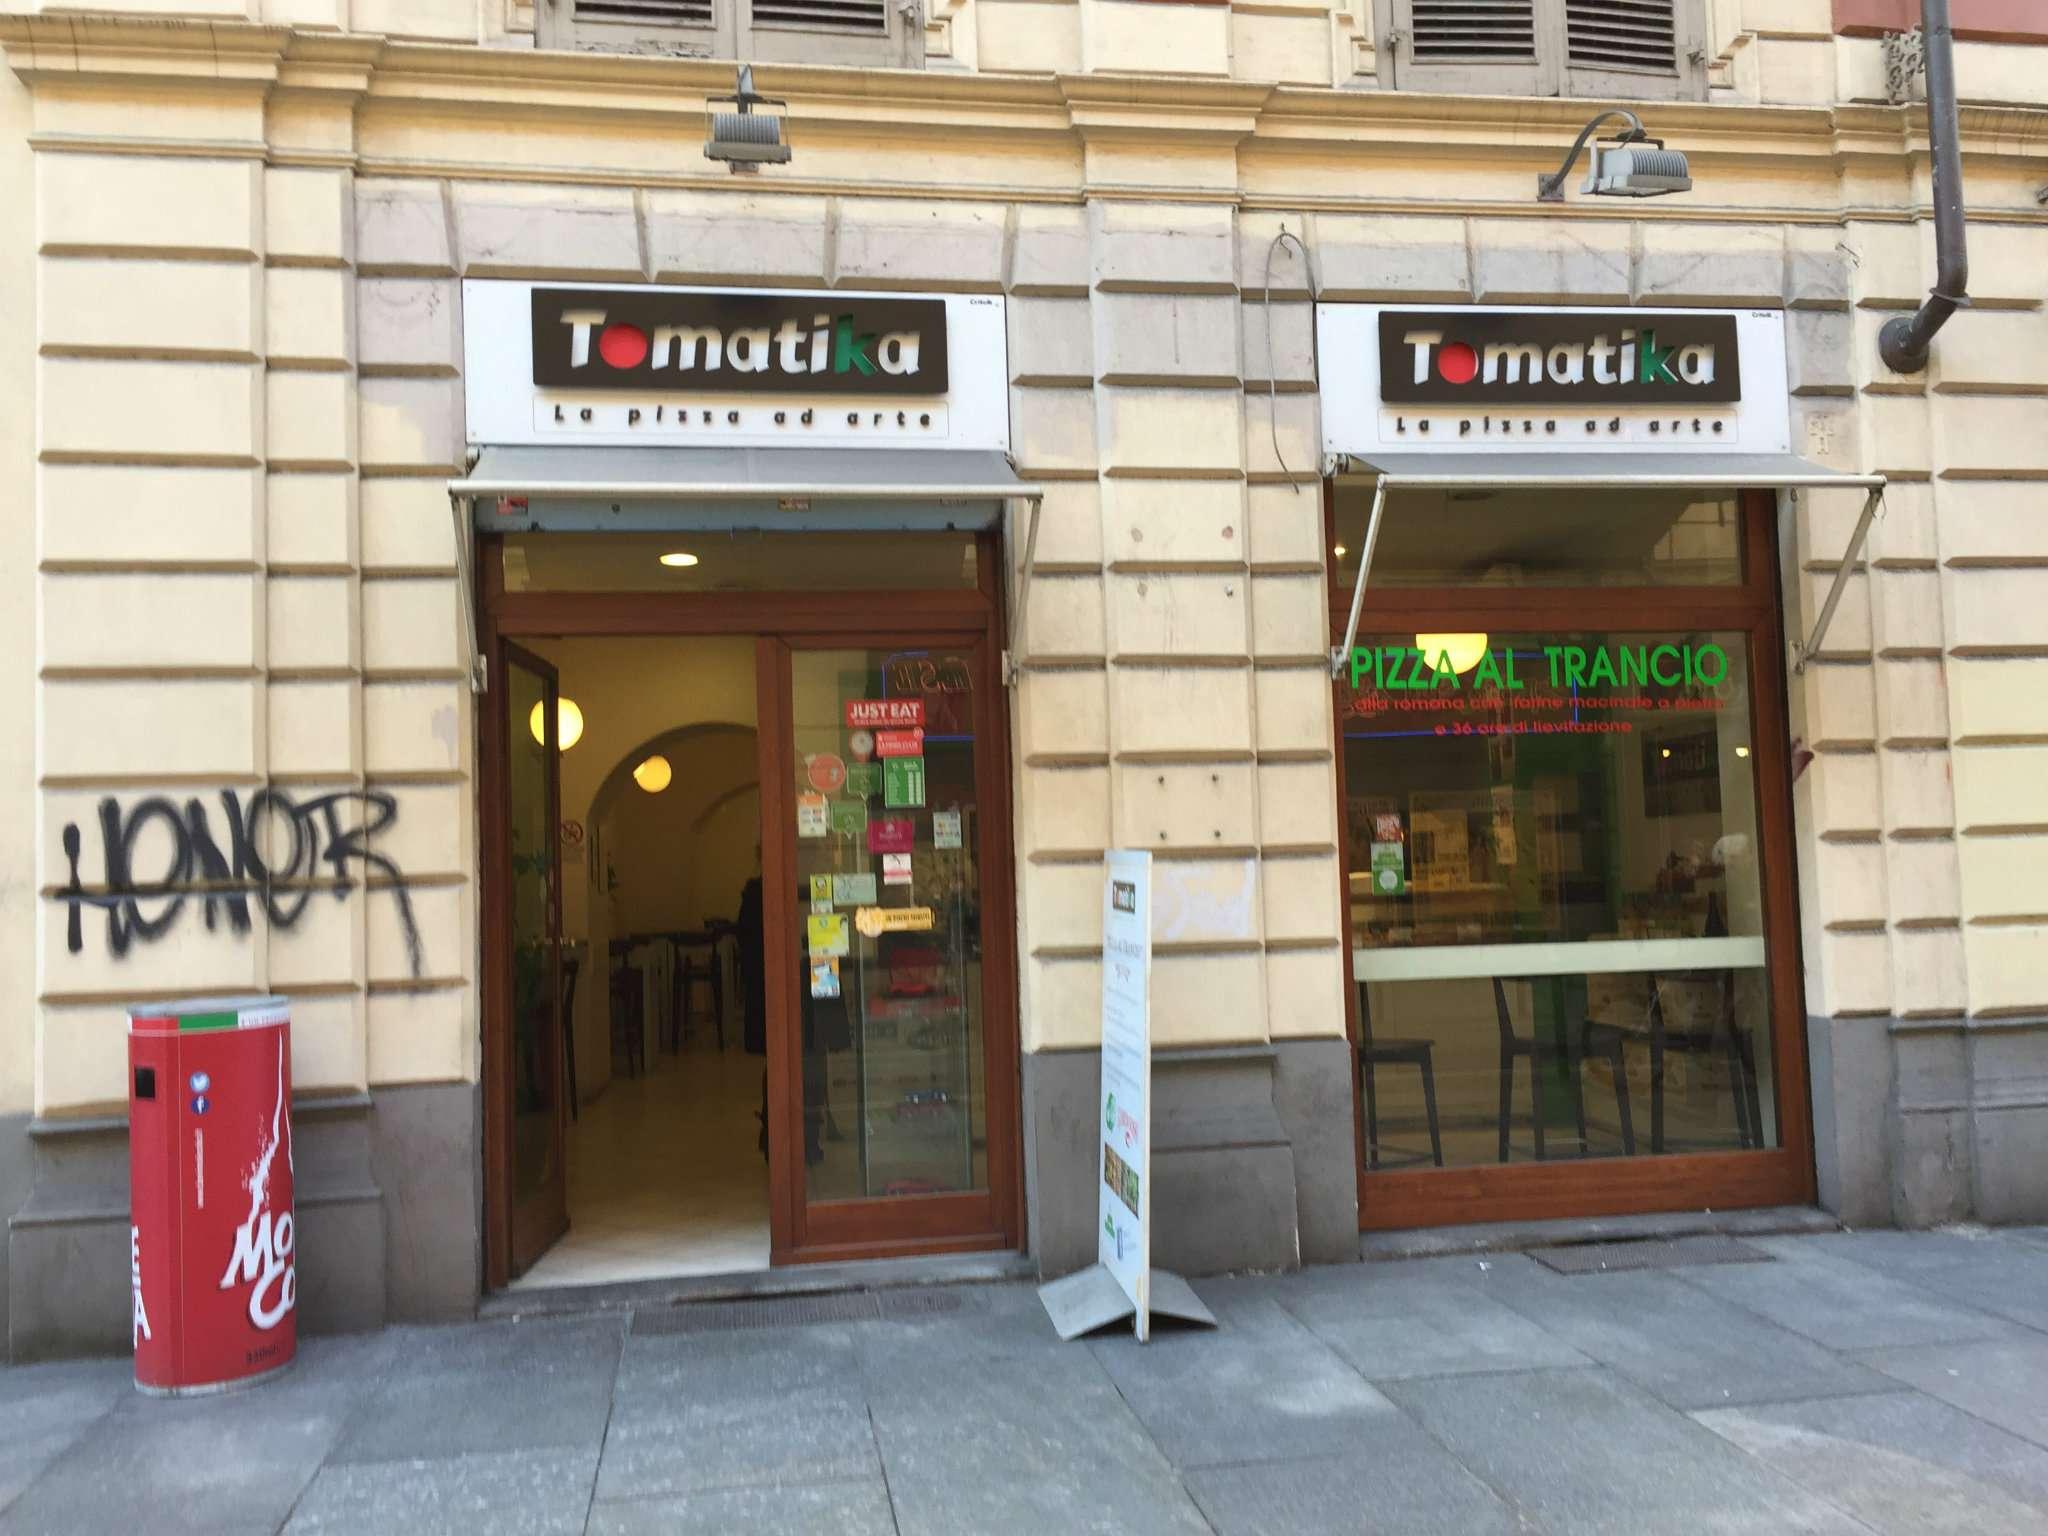 Torino Vendita ATTIVITA' COMMERICIALI Immagine 0